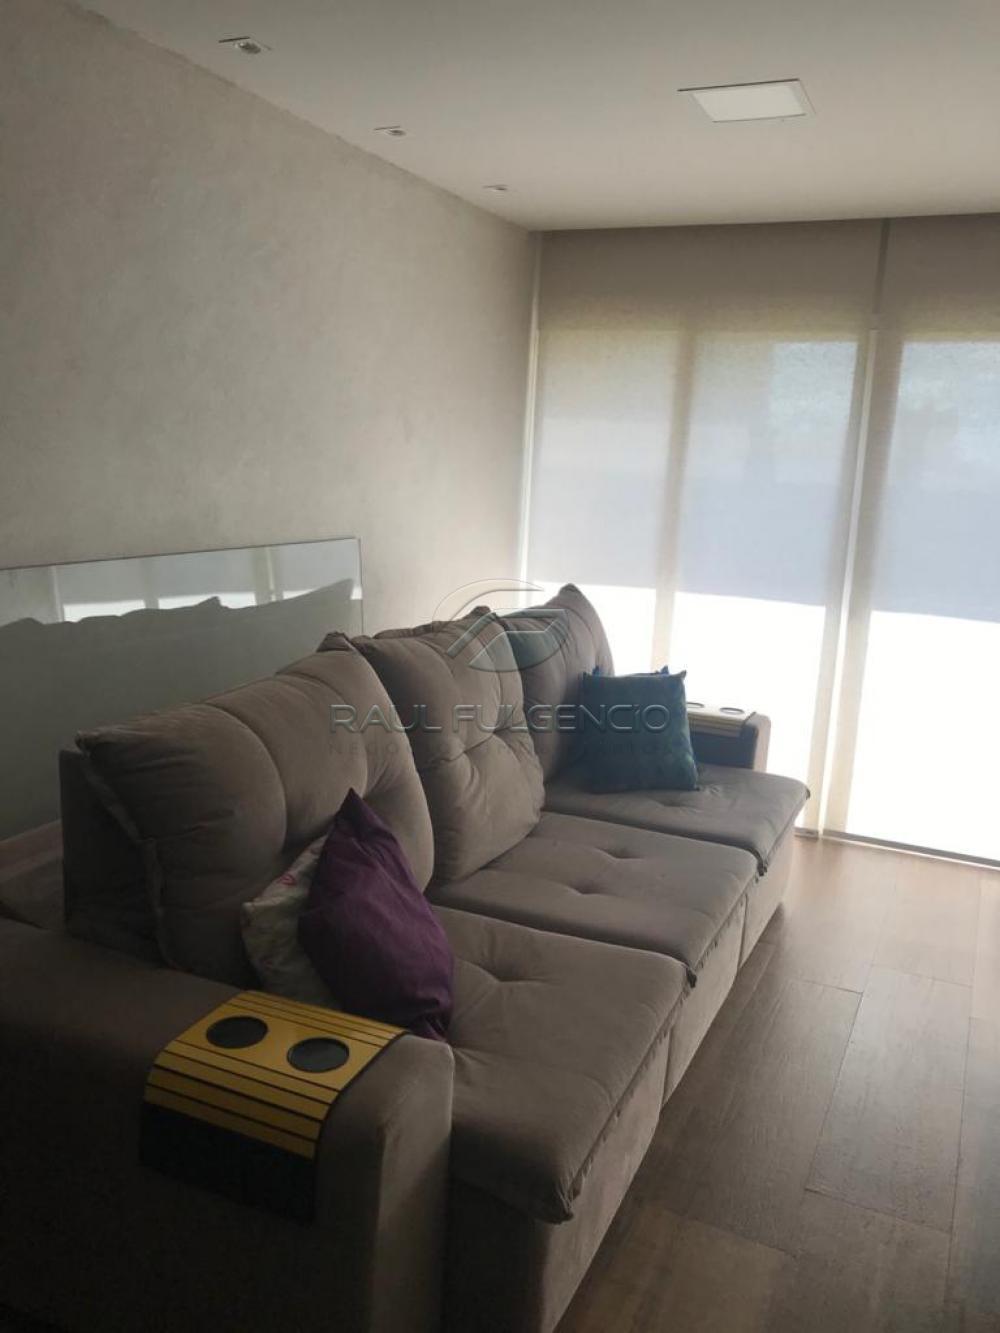 Comprar Apartamento / Padrão em Londrina apenas R$ 450.000,00 - Foto 2